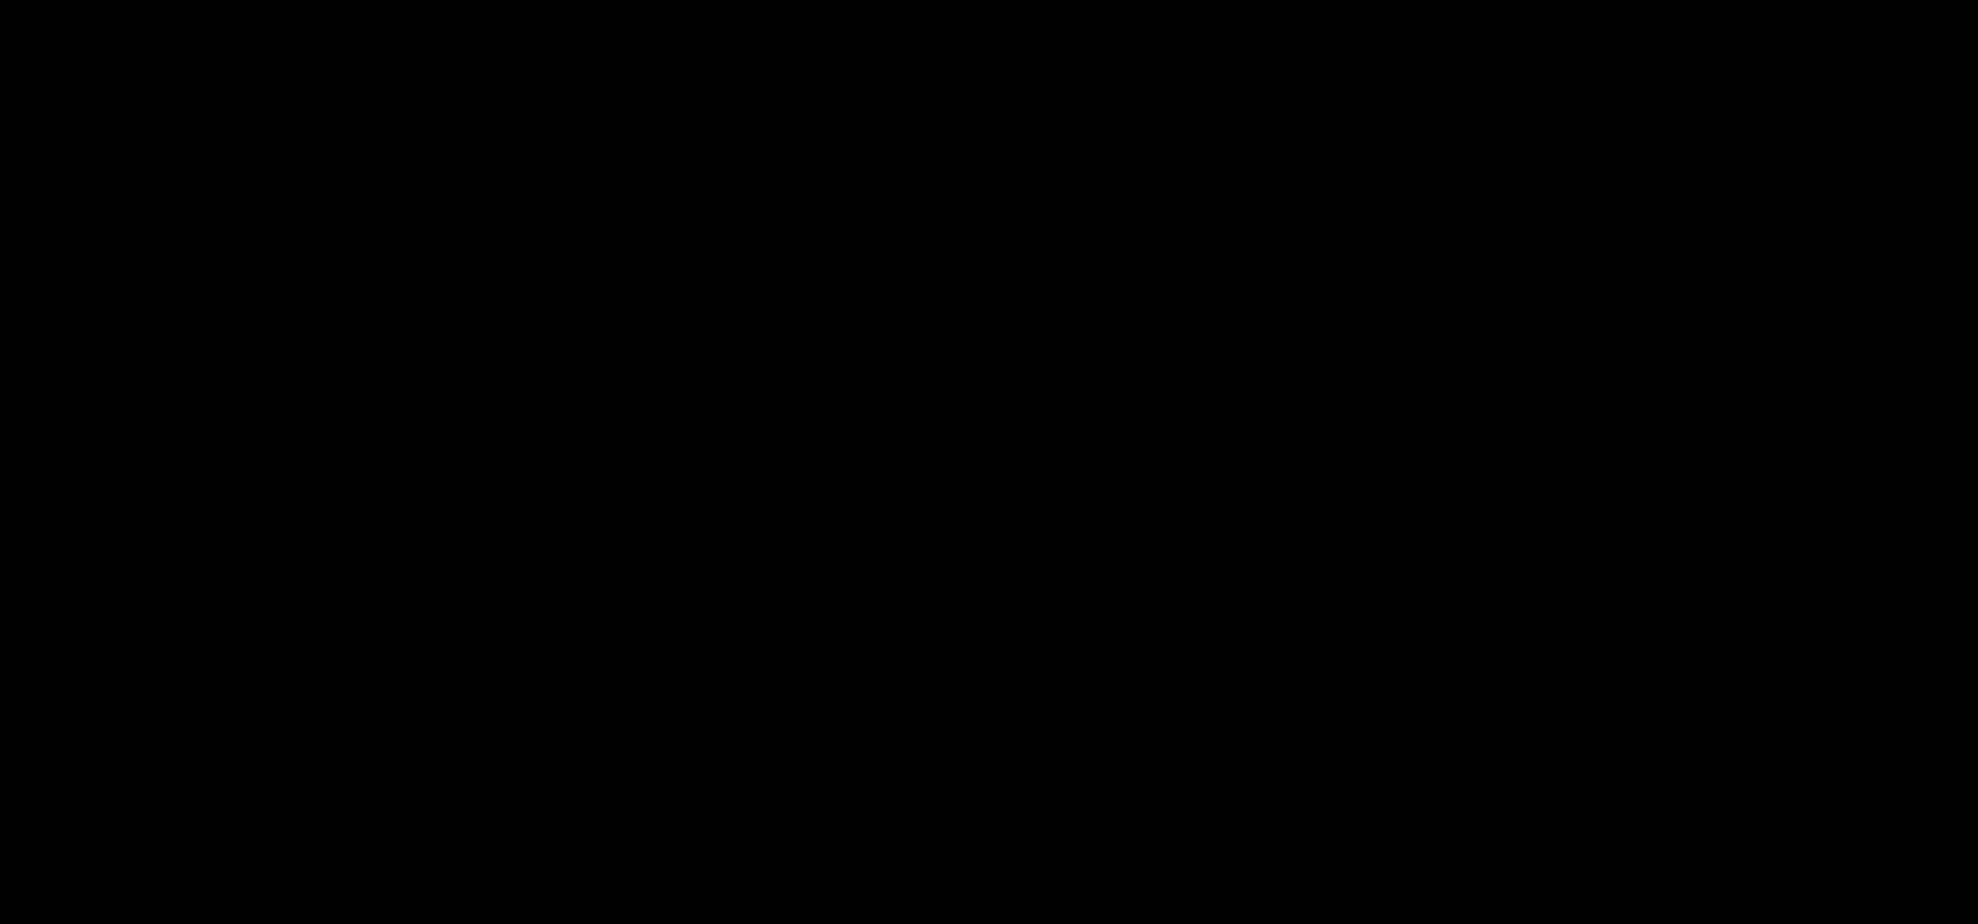 N-{2-[2-(2-Aminoethoxy)ethoxy]ethyl}-5-(dimethylamino)naphthalene-1-sulfonamide